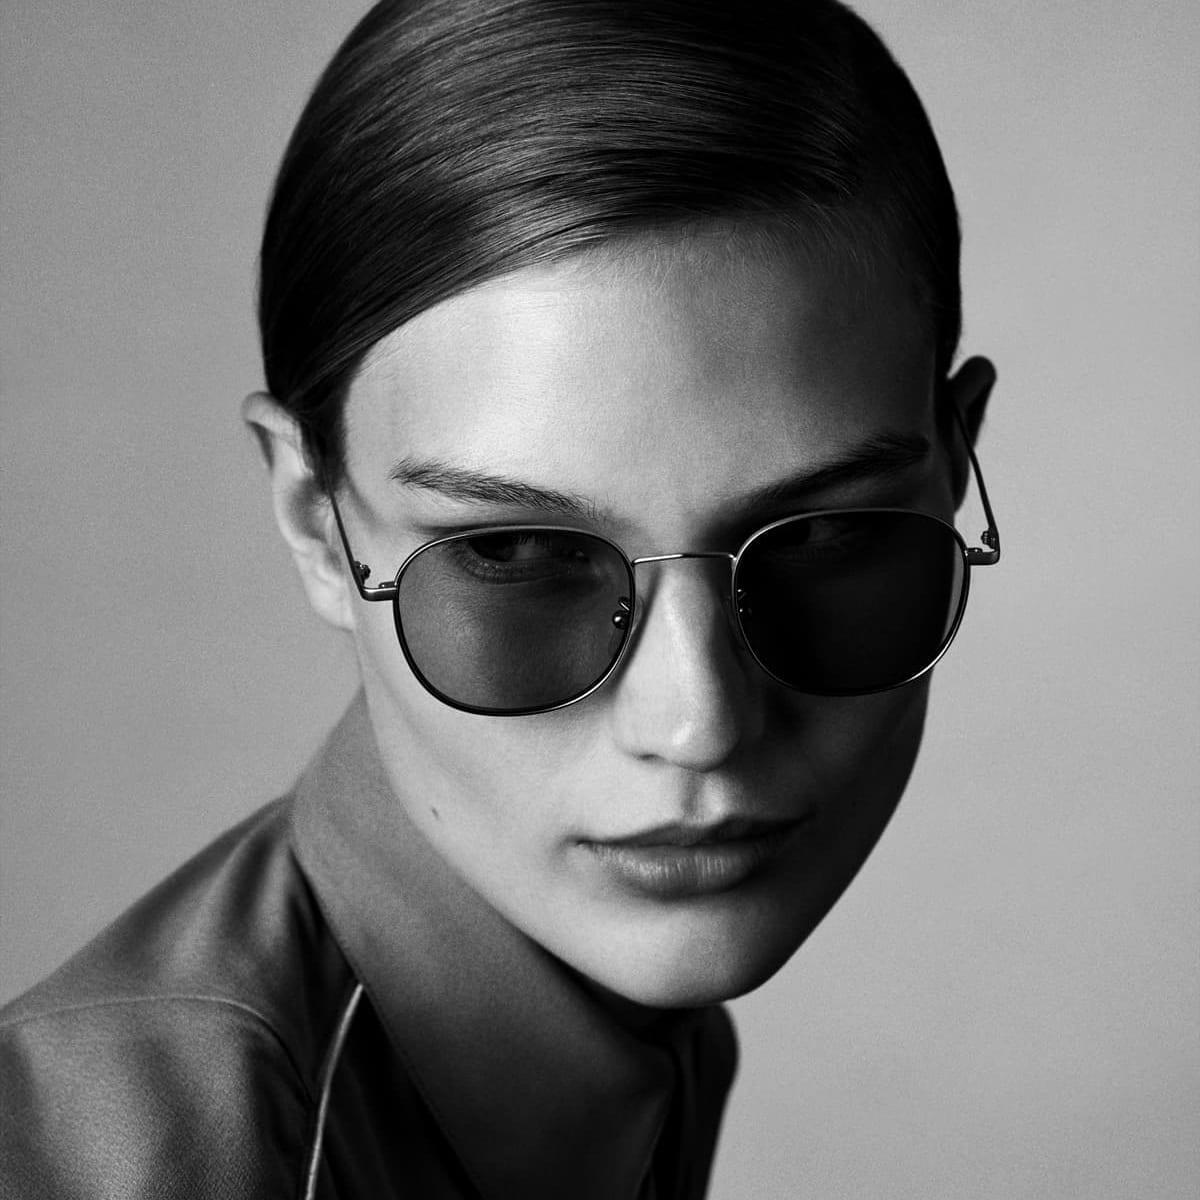 paul-smith-eyewear-glasses-stockist-opticians-west-midlands-shropshire-13